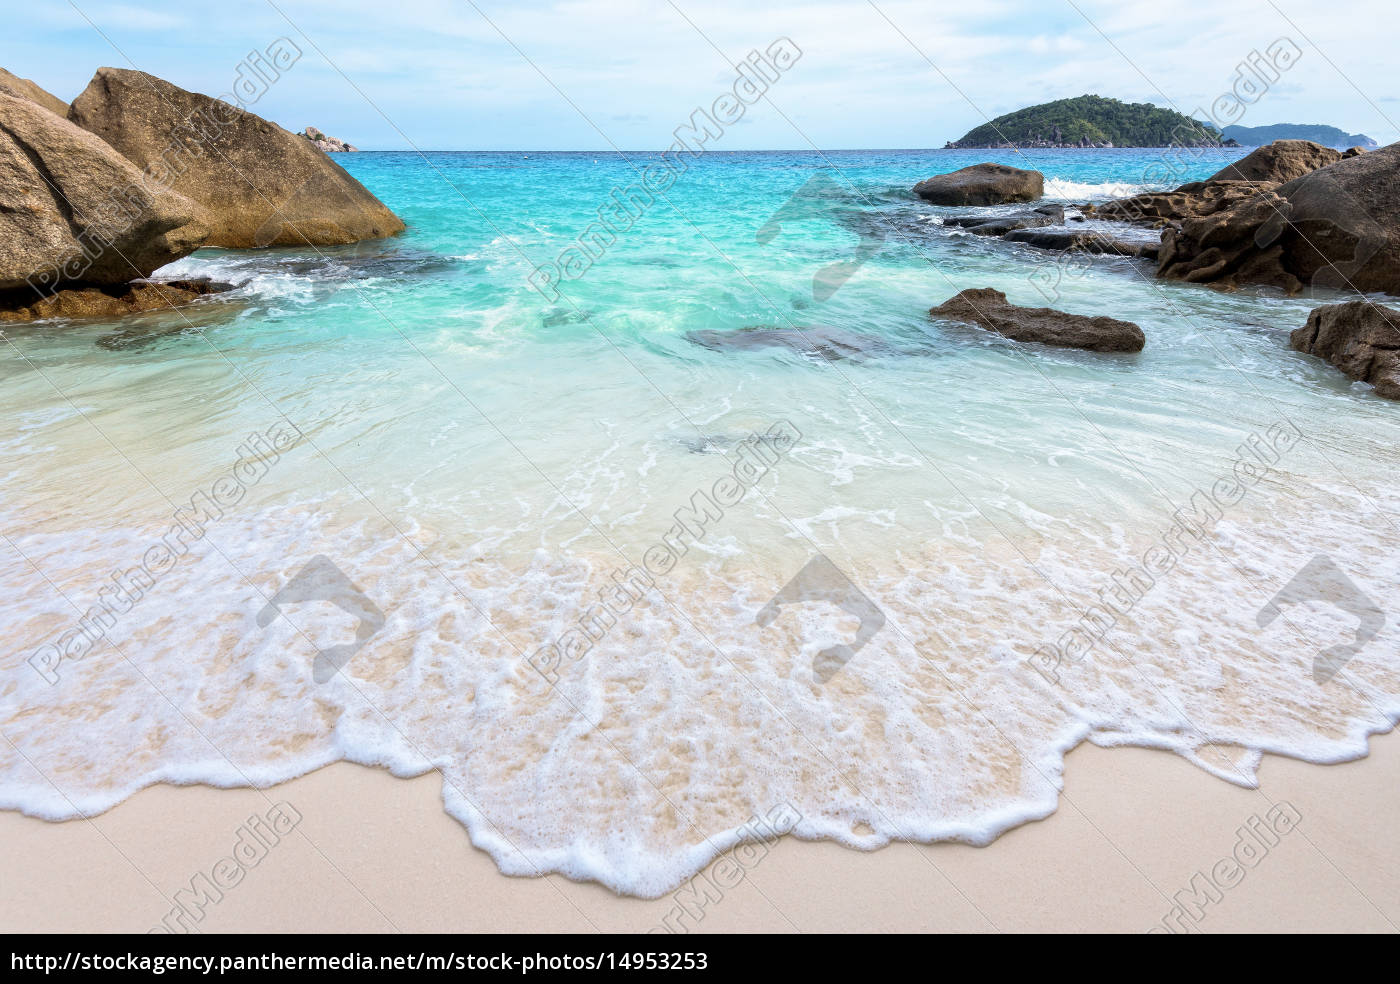 summer, beach, in, thailand - 14953253